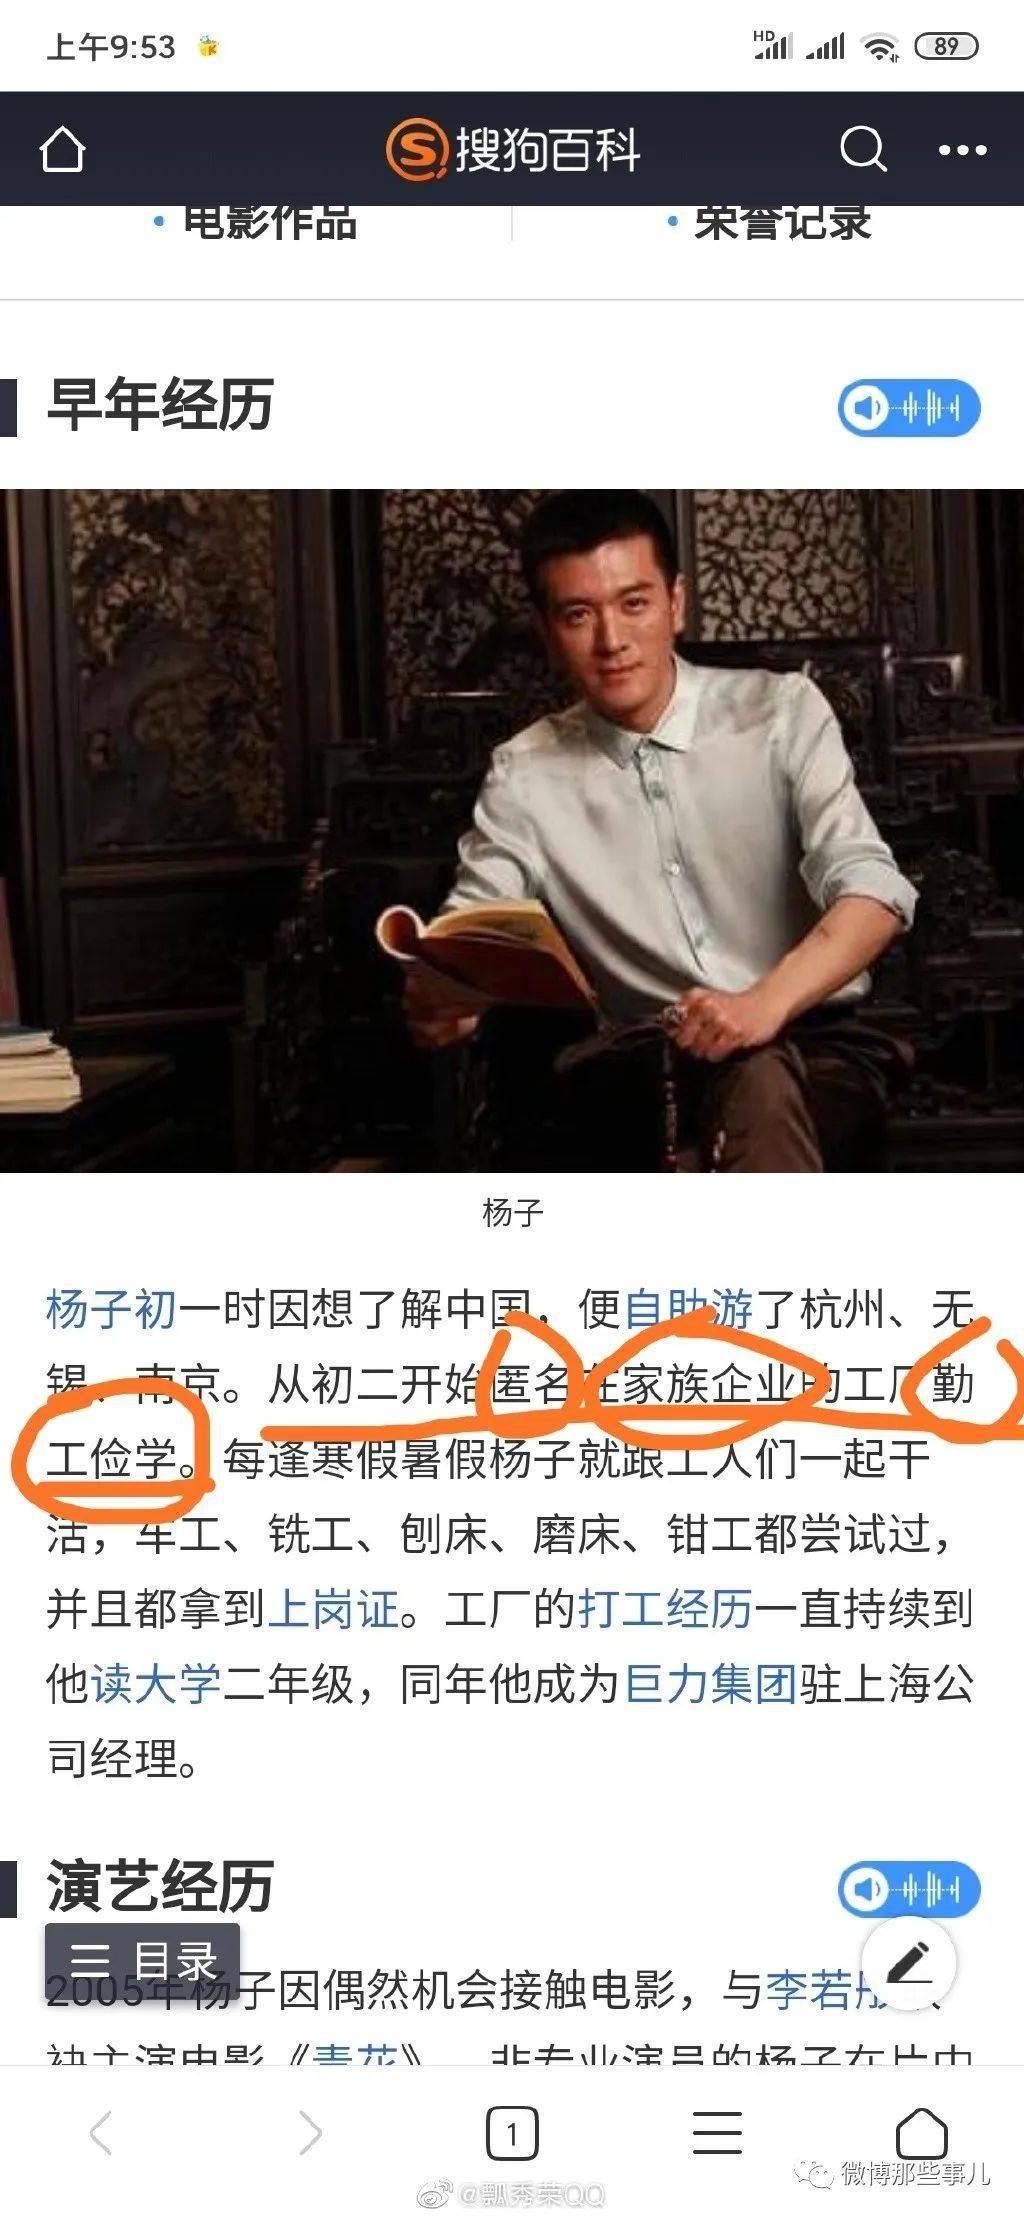 黄圣依真的很有钱,他老公很有背景!有钱人的世界超乎你想象!